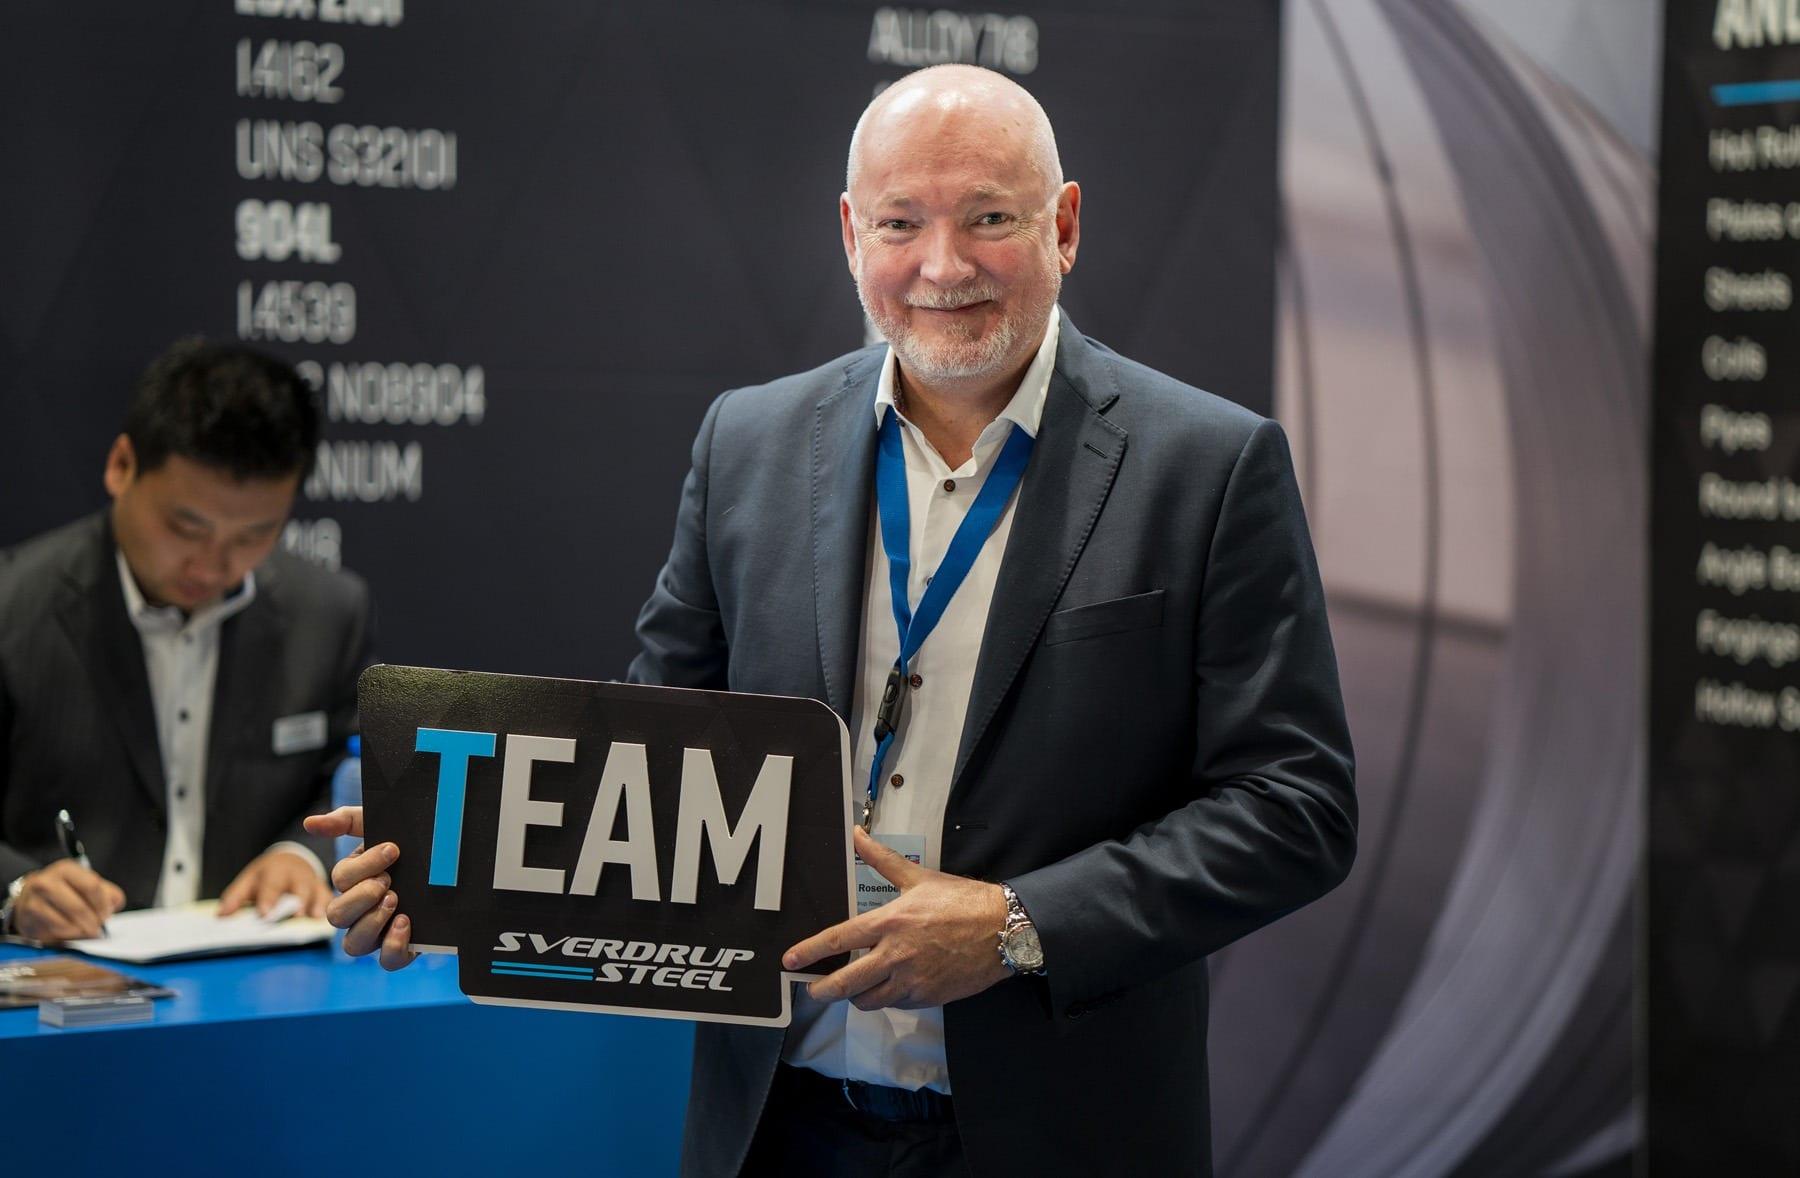 Sverdrup Steel CEO Kristian Rosenberg